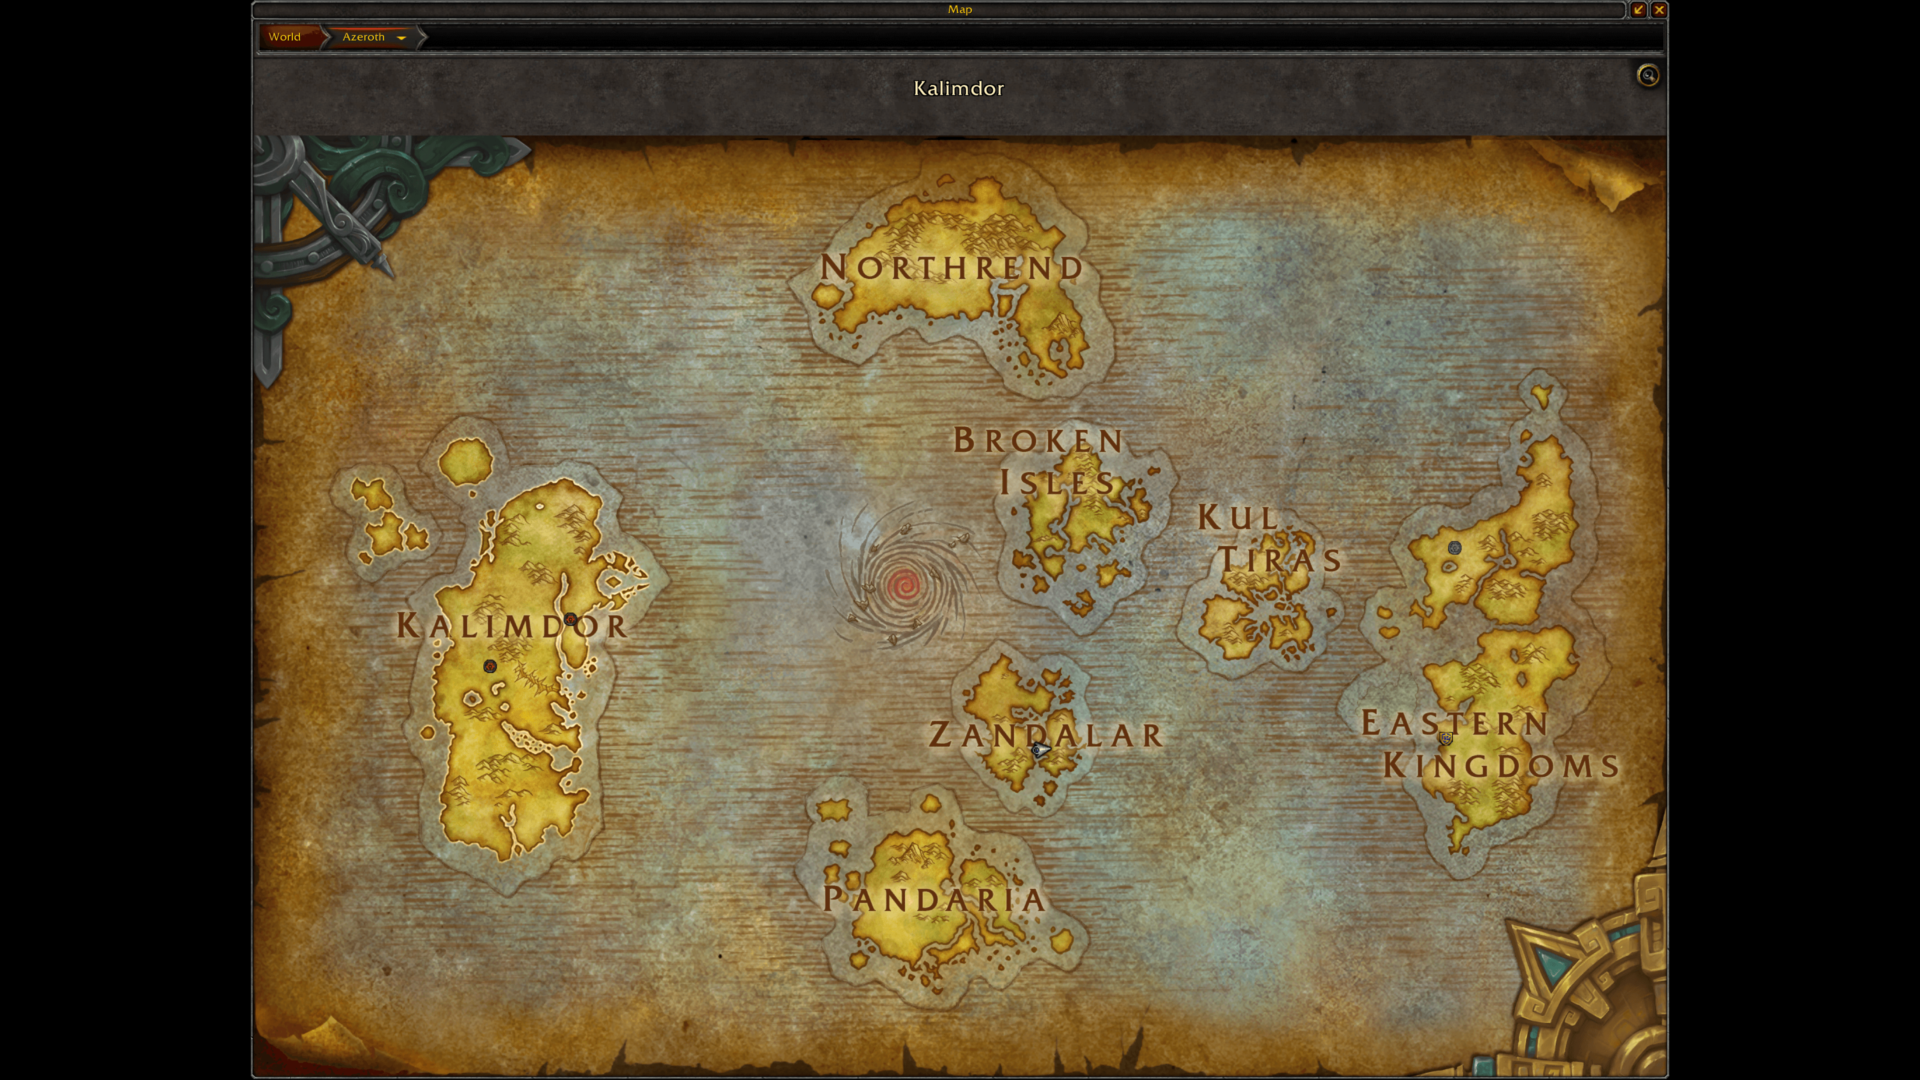 Kalimdor screenshot of World of Warcraft video game interface.